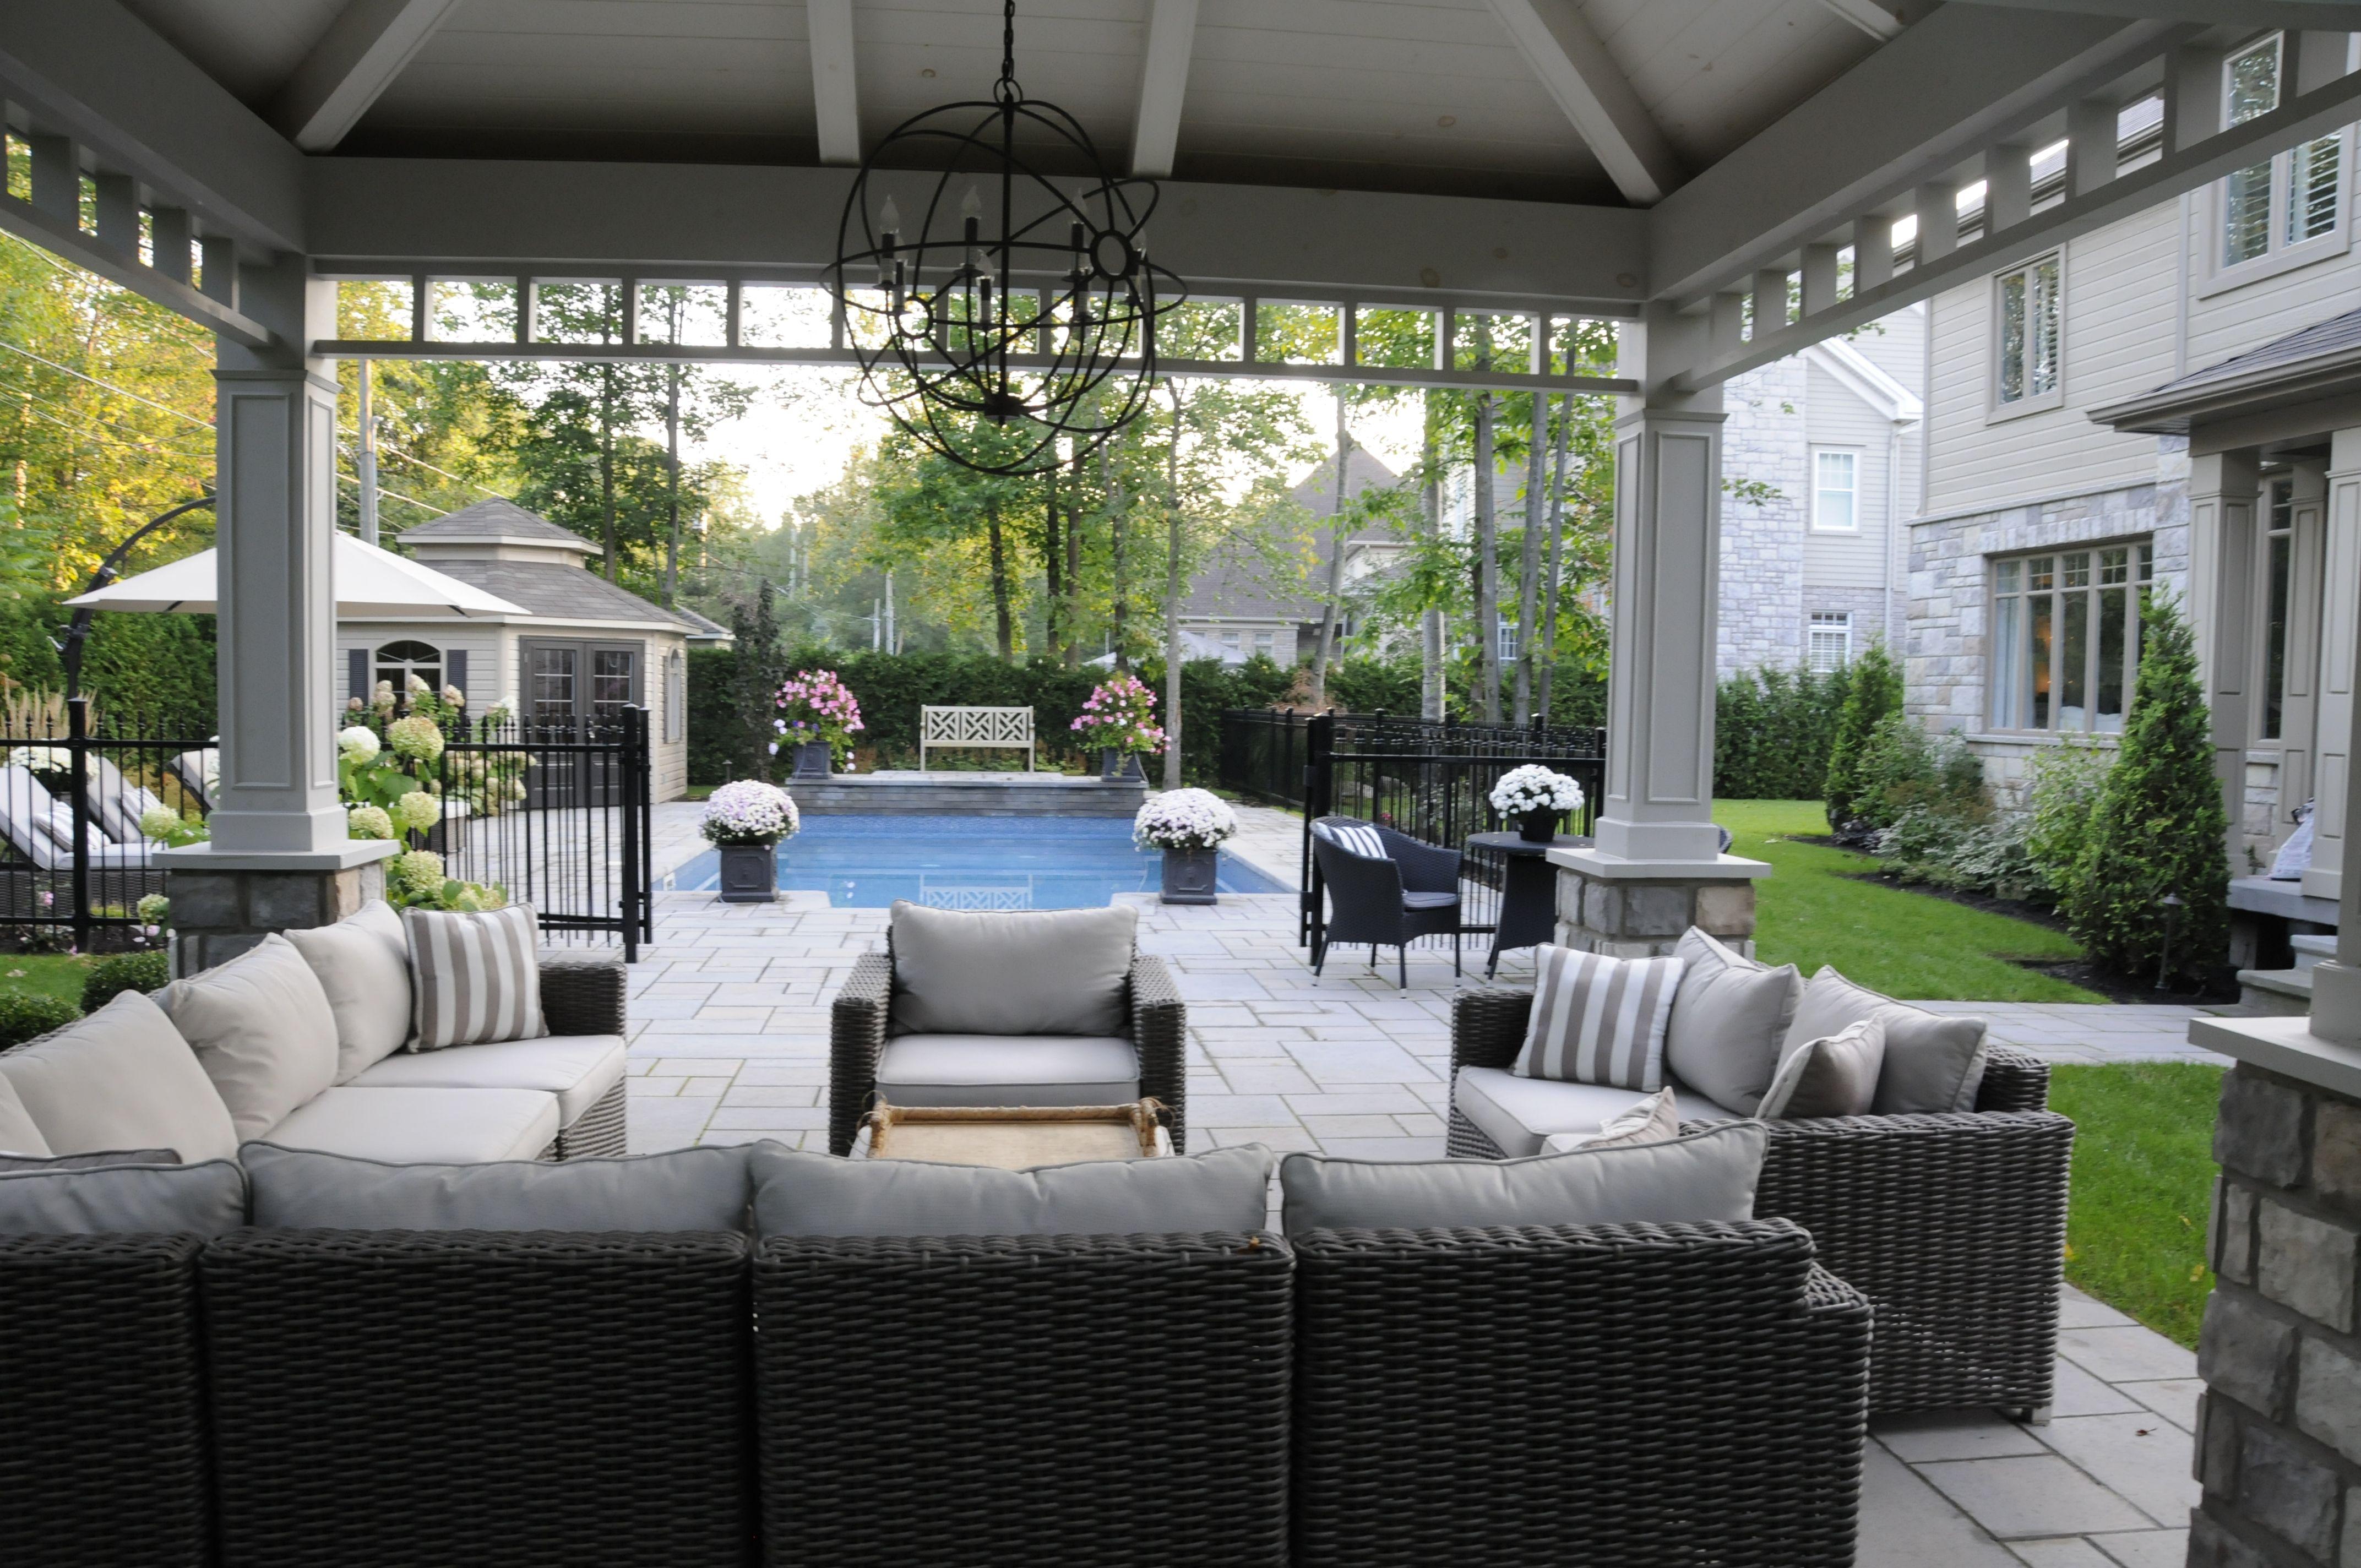 Aménagement Autour Piscine Creusée un aménagement paysager de prestige autour d'une piscine